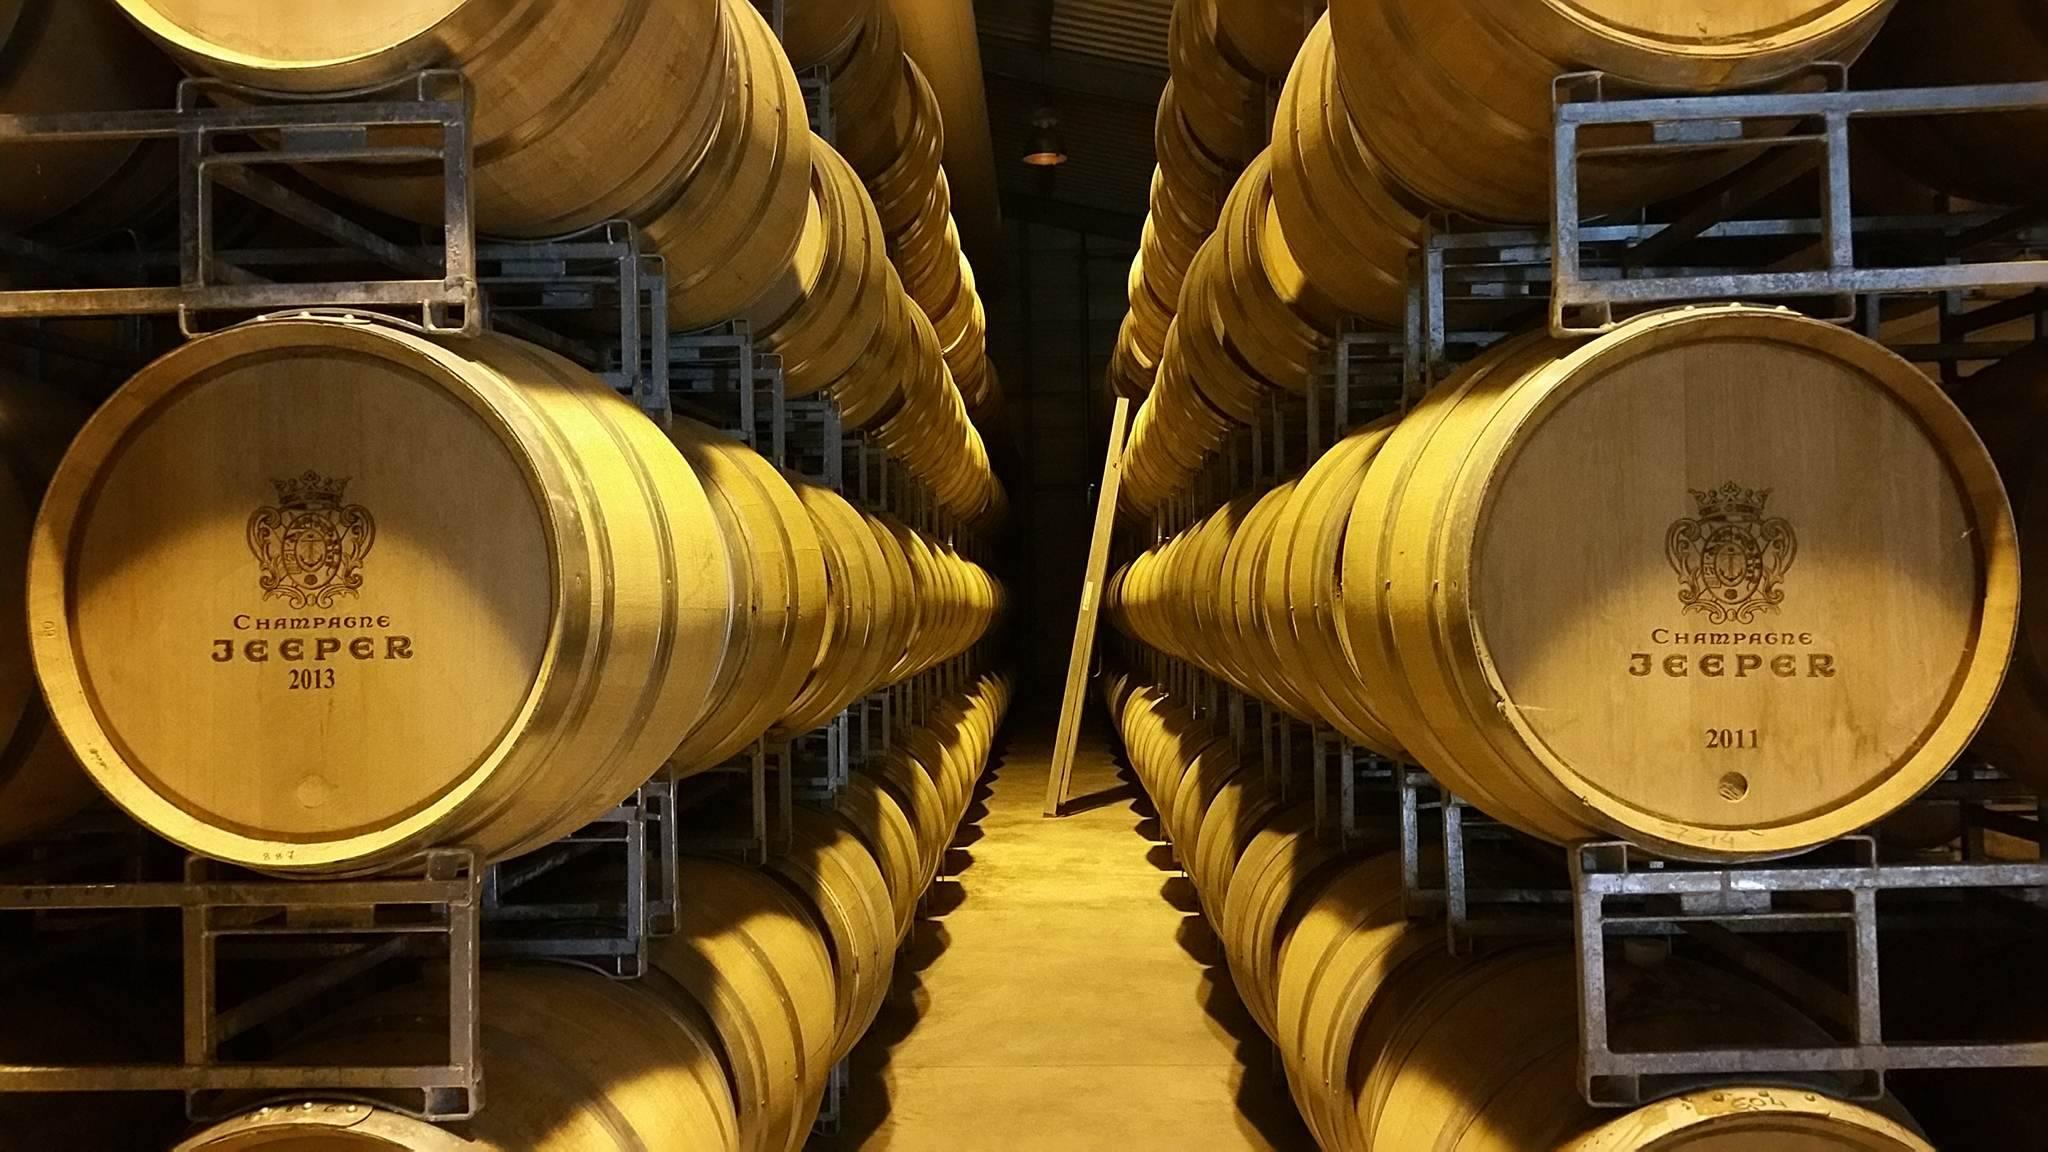 champagne - jeeper - Reims - cave - cuve - tonneau - bouteille - communication - digital - réseaux sociaux - grande réserve - cathédrale - ange -